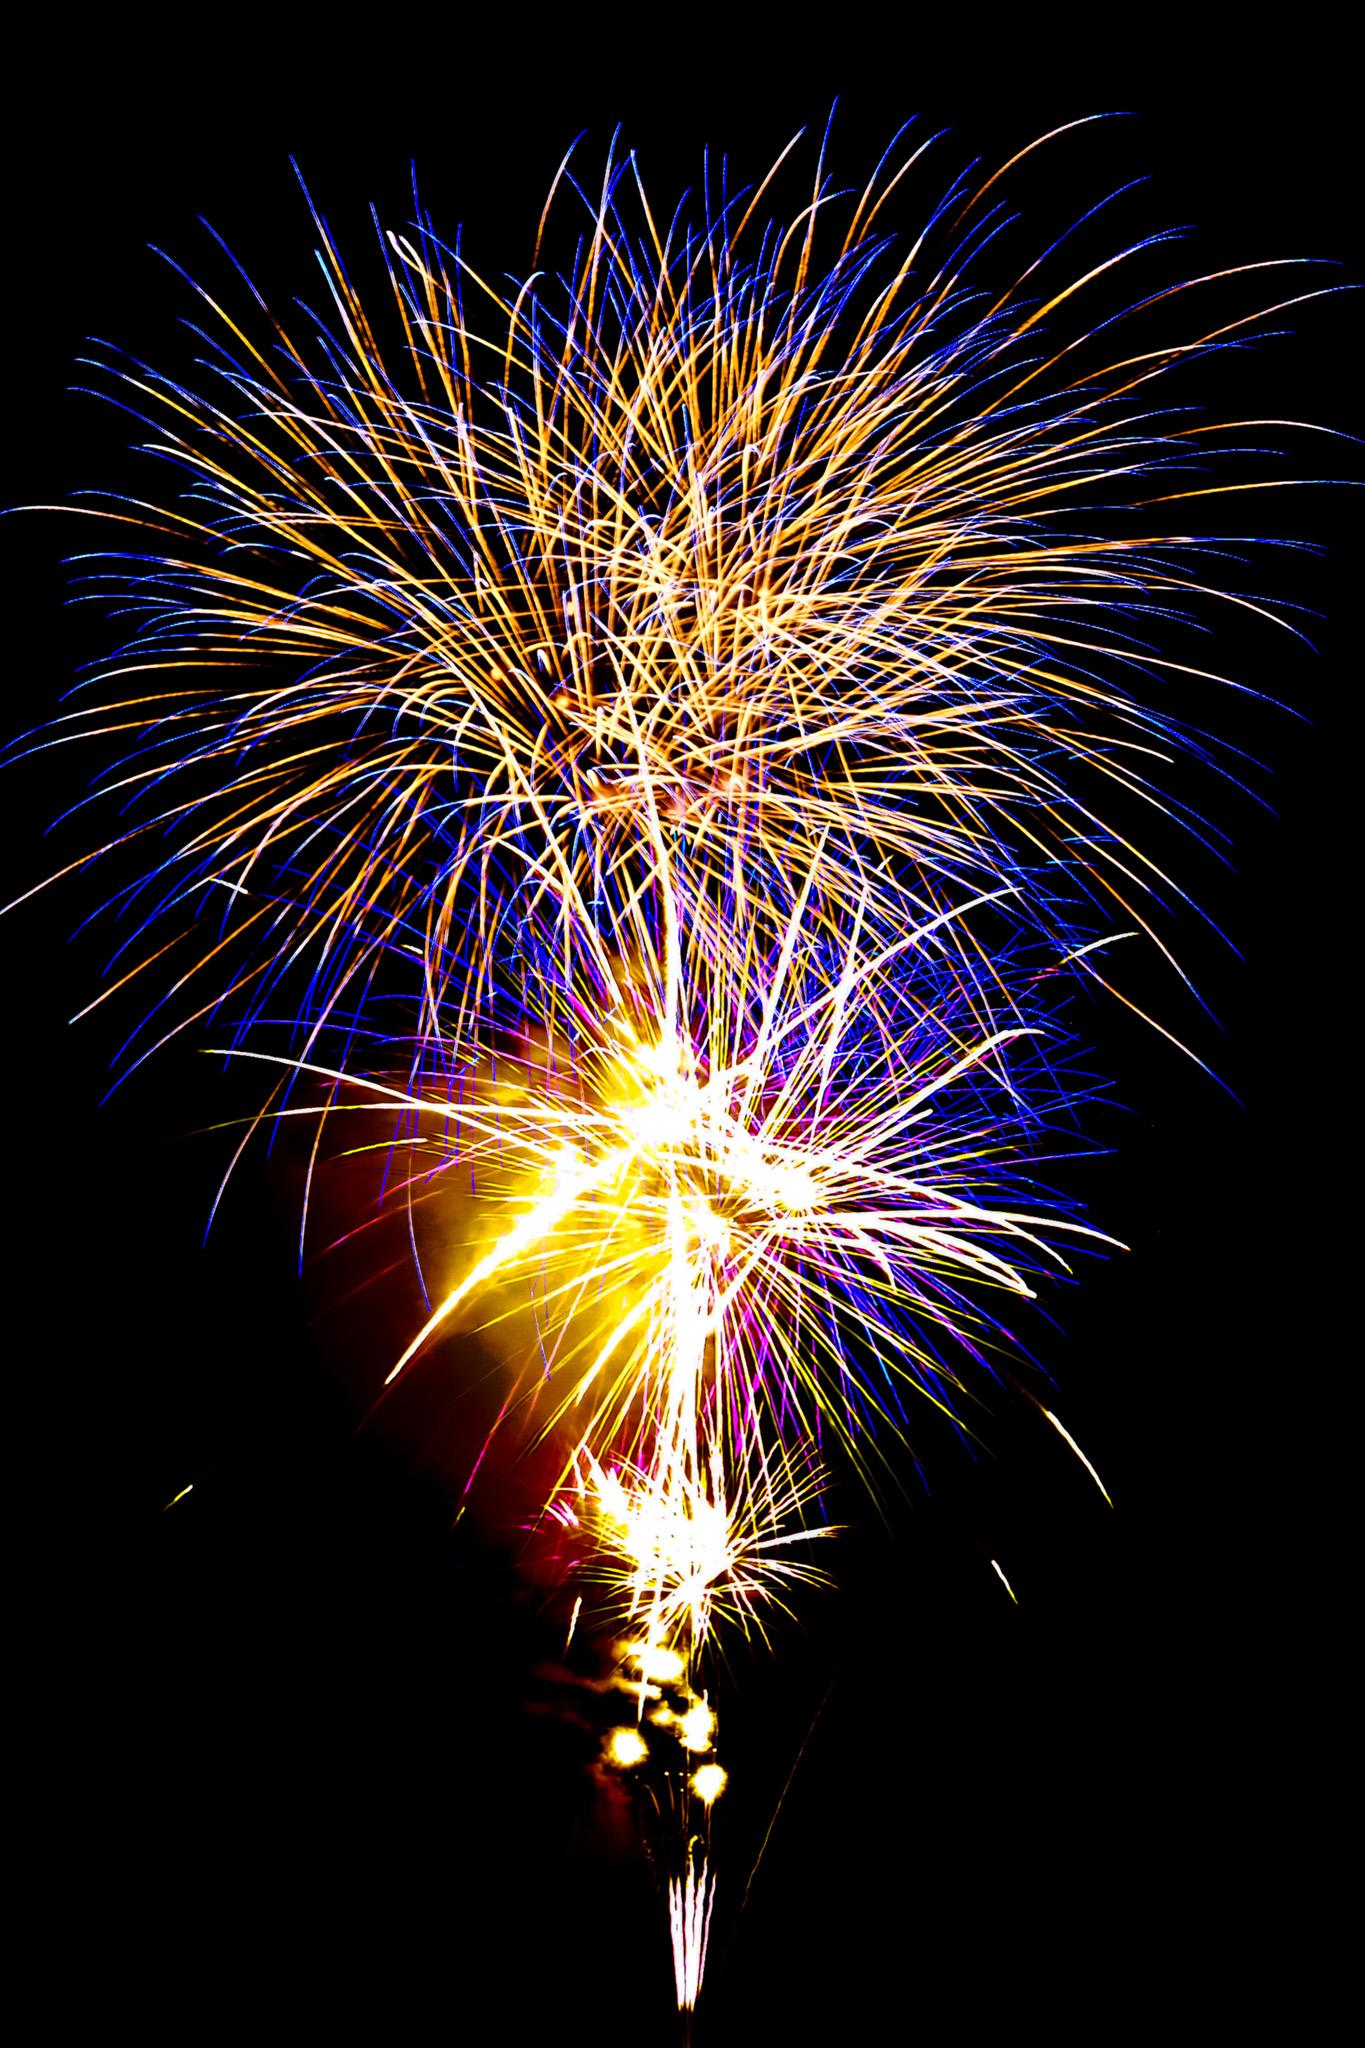 「夏の夜を華やかに彩る花火大会」の画像を無料ダウンロード